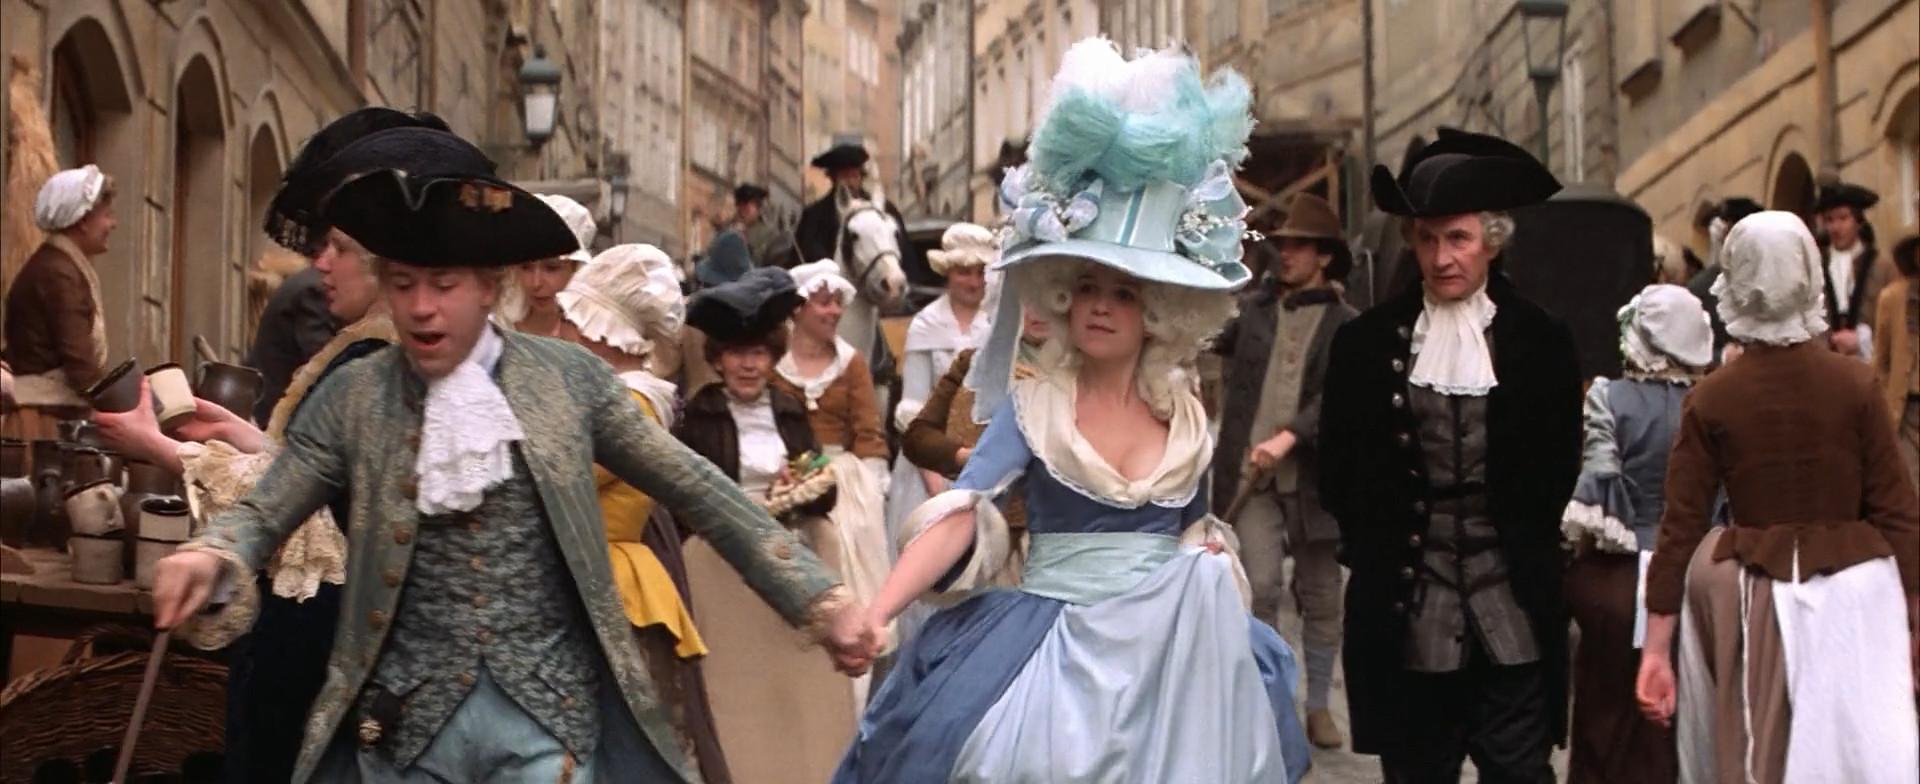 Constanze en robe bleue avec son chapeau immense se baladant dans la rue